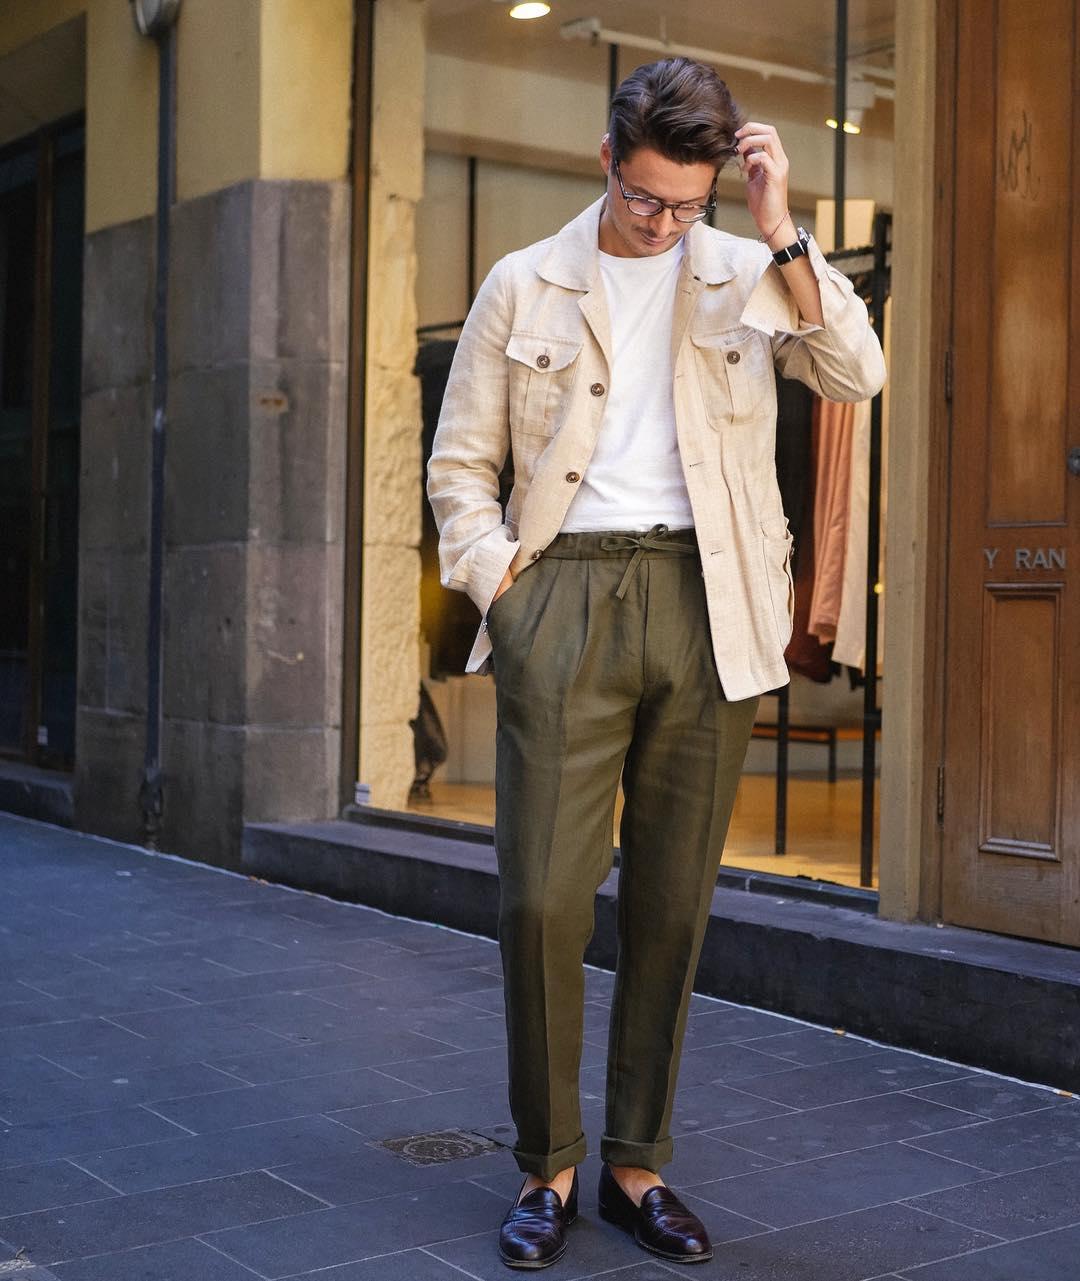 Malgré la présence d'un pantalon et de mocassins foncés la présence du t-shirt rend le port de la saharienne très décontracté. Source : Steve Calder